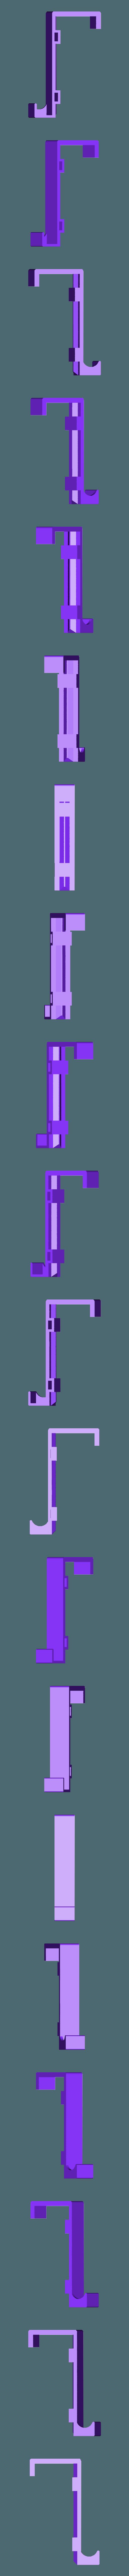 MountLeft.stl Télécharger fichier STL gratuit Support de téléphone pour lit IKEA STUVA / FRITIDS • Plan pour impression 3D, Milan_Gajic